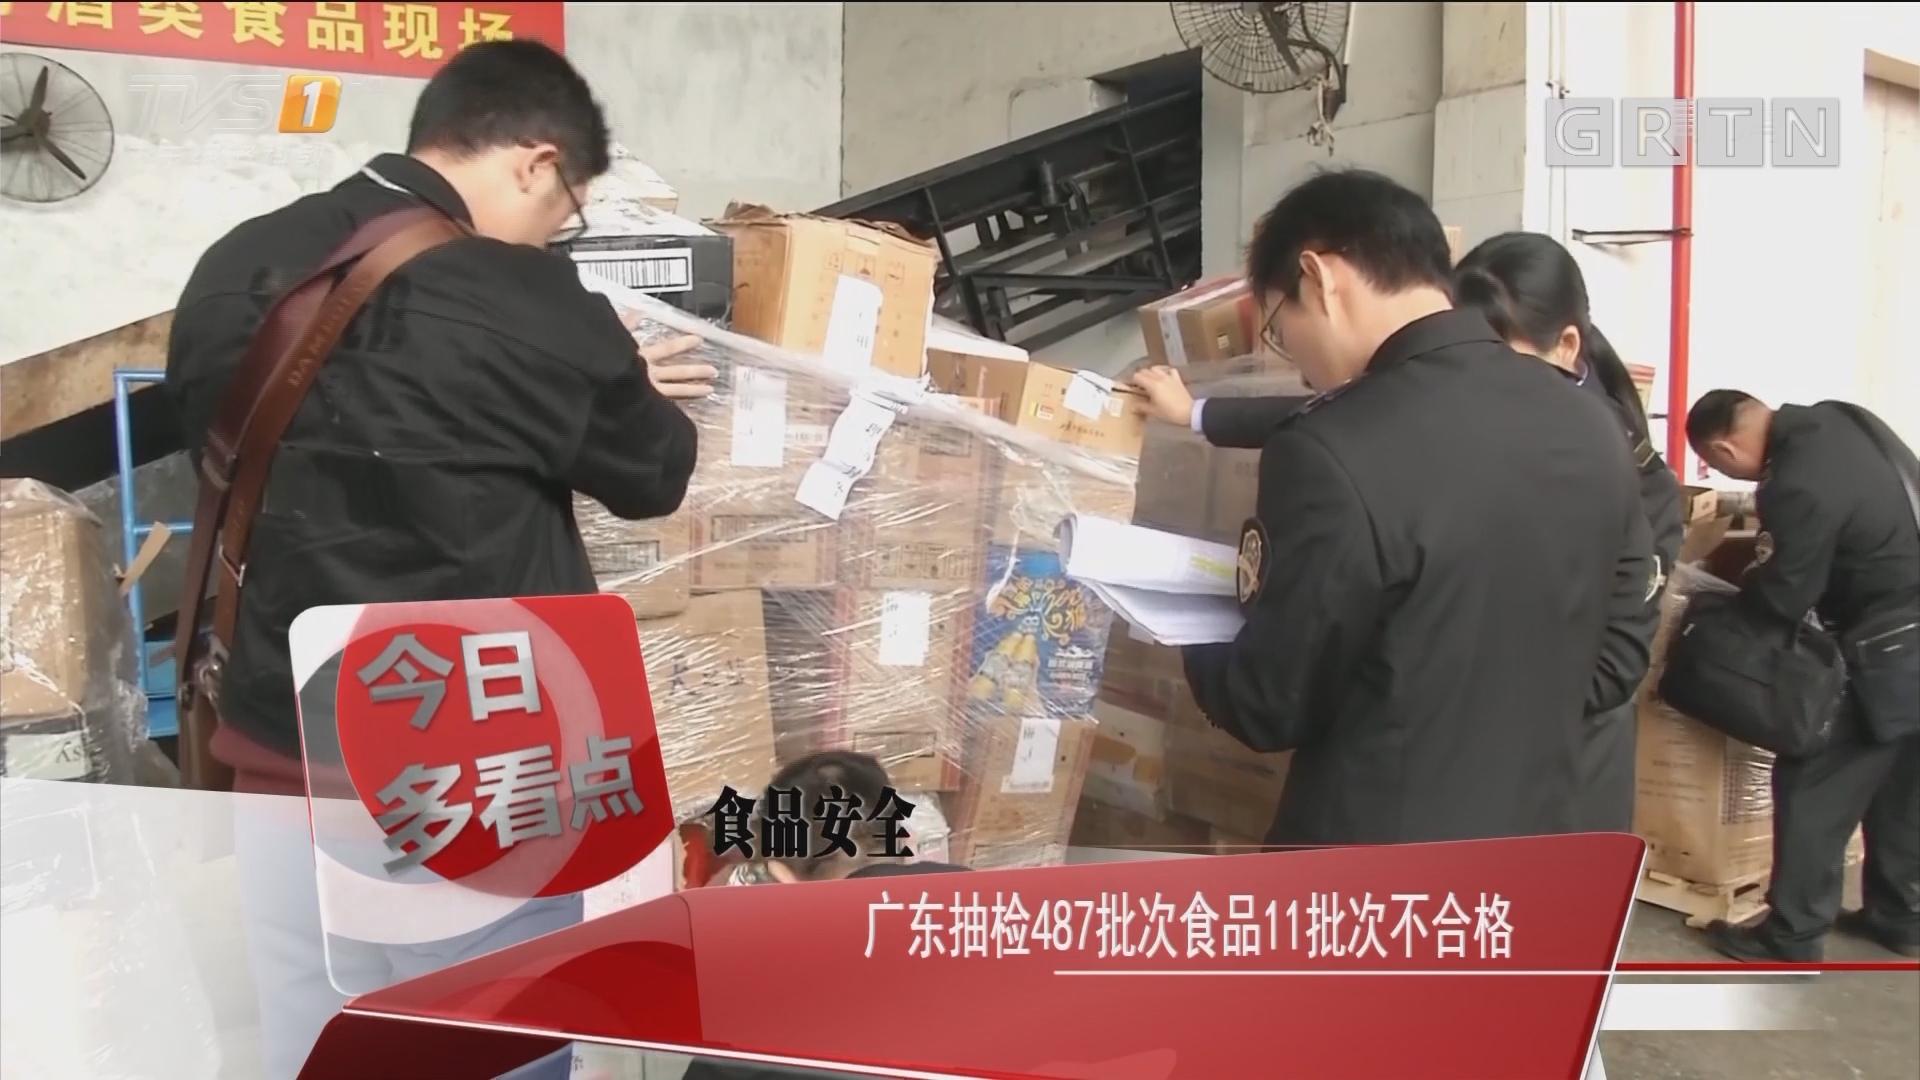 食品安全:广东抽检487批次食品11批次不合格